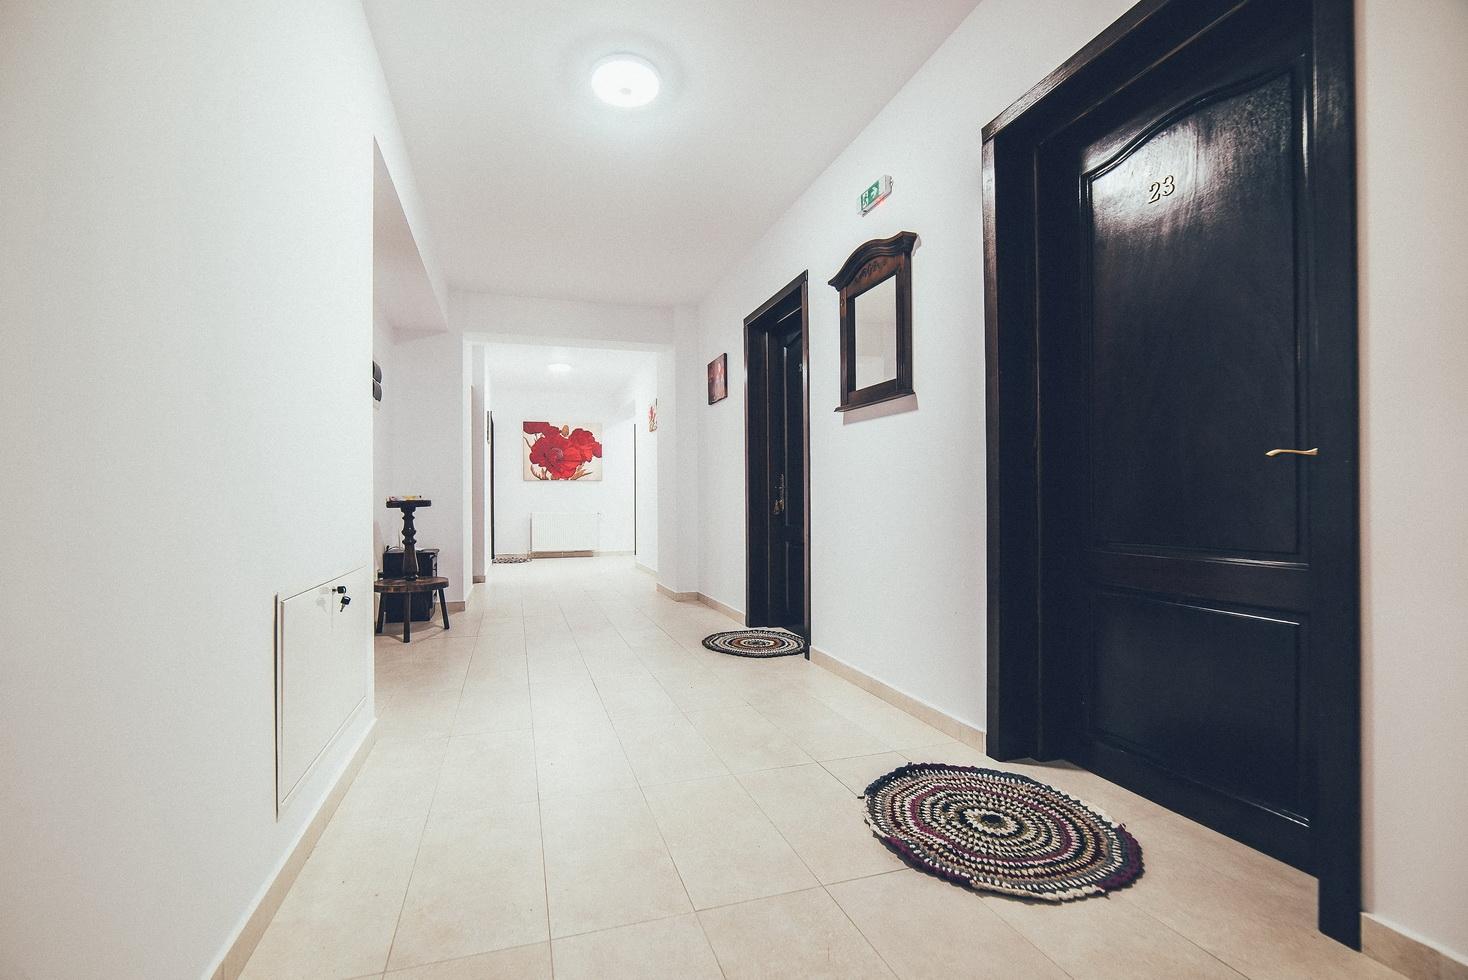 Cameră clasică